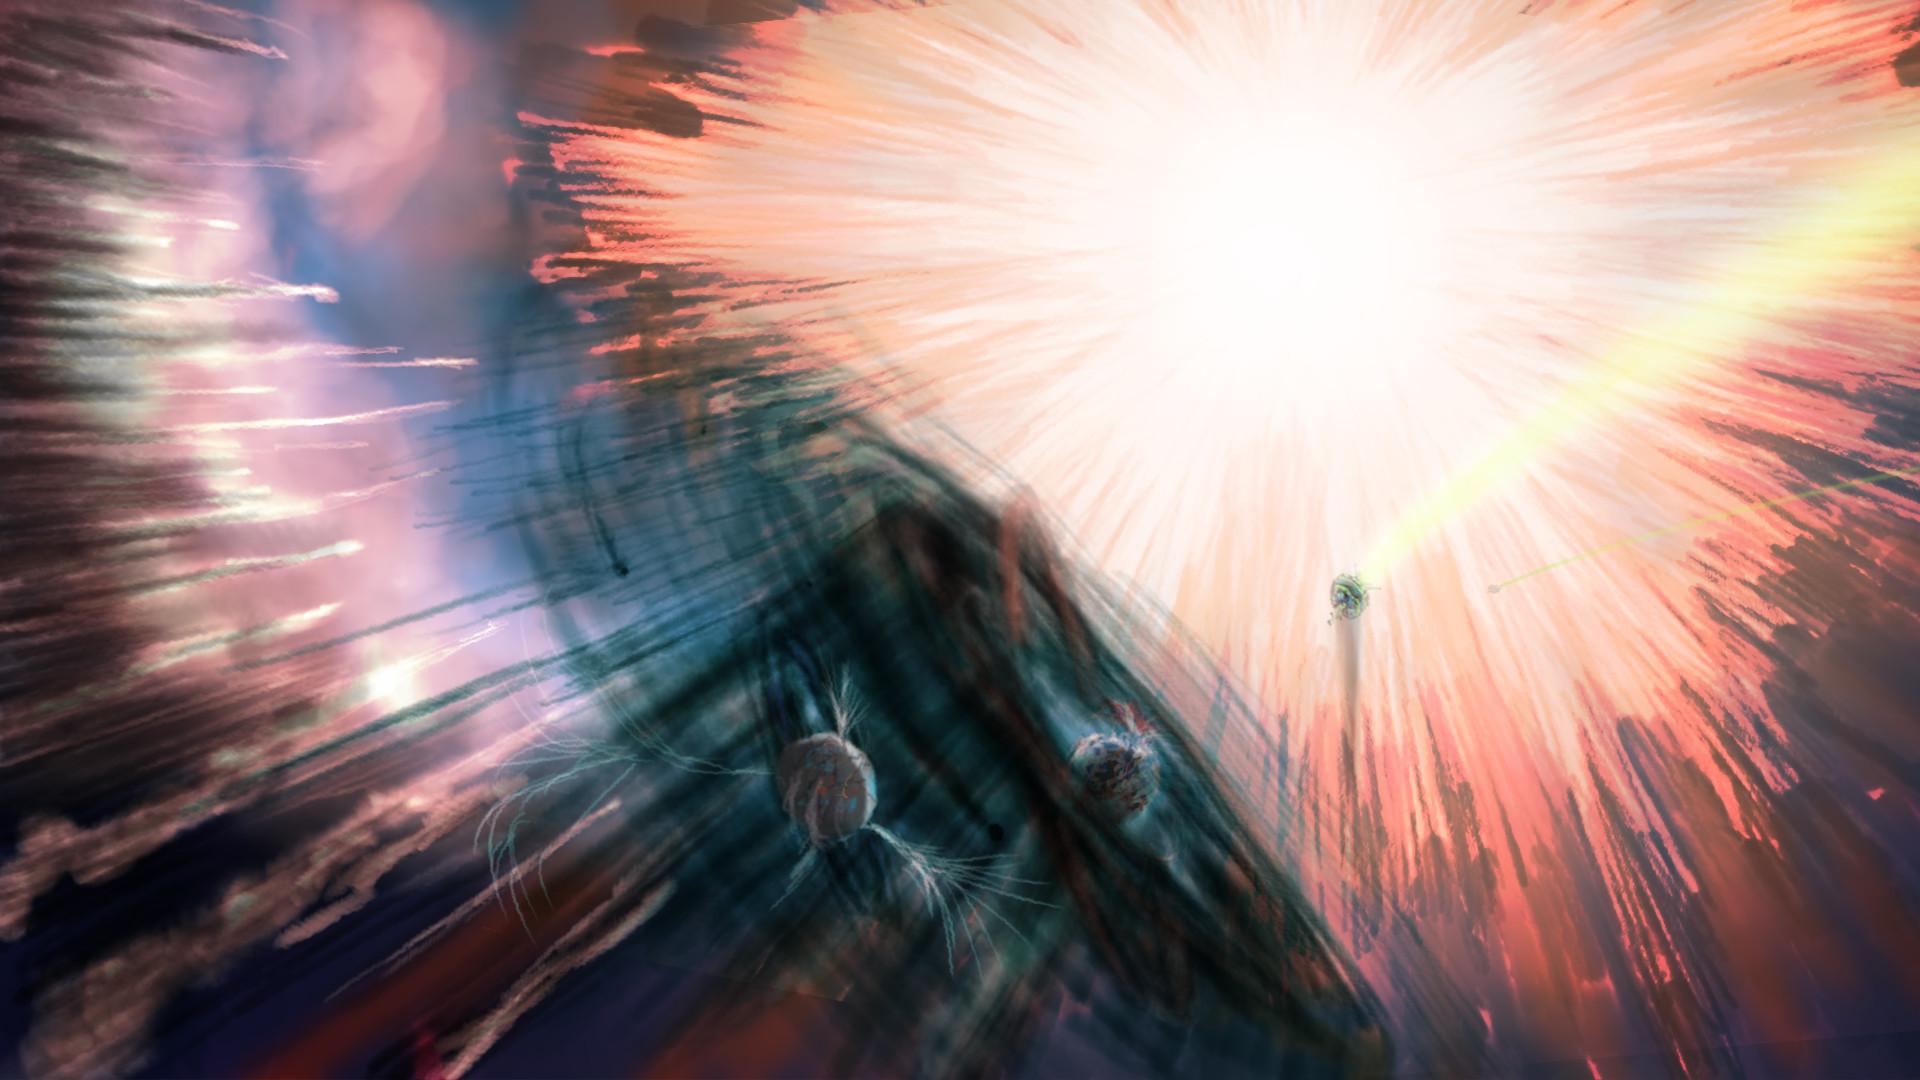 Alexander laheij birth of home planet zeon